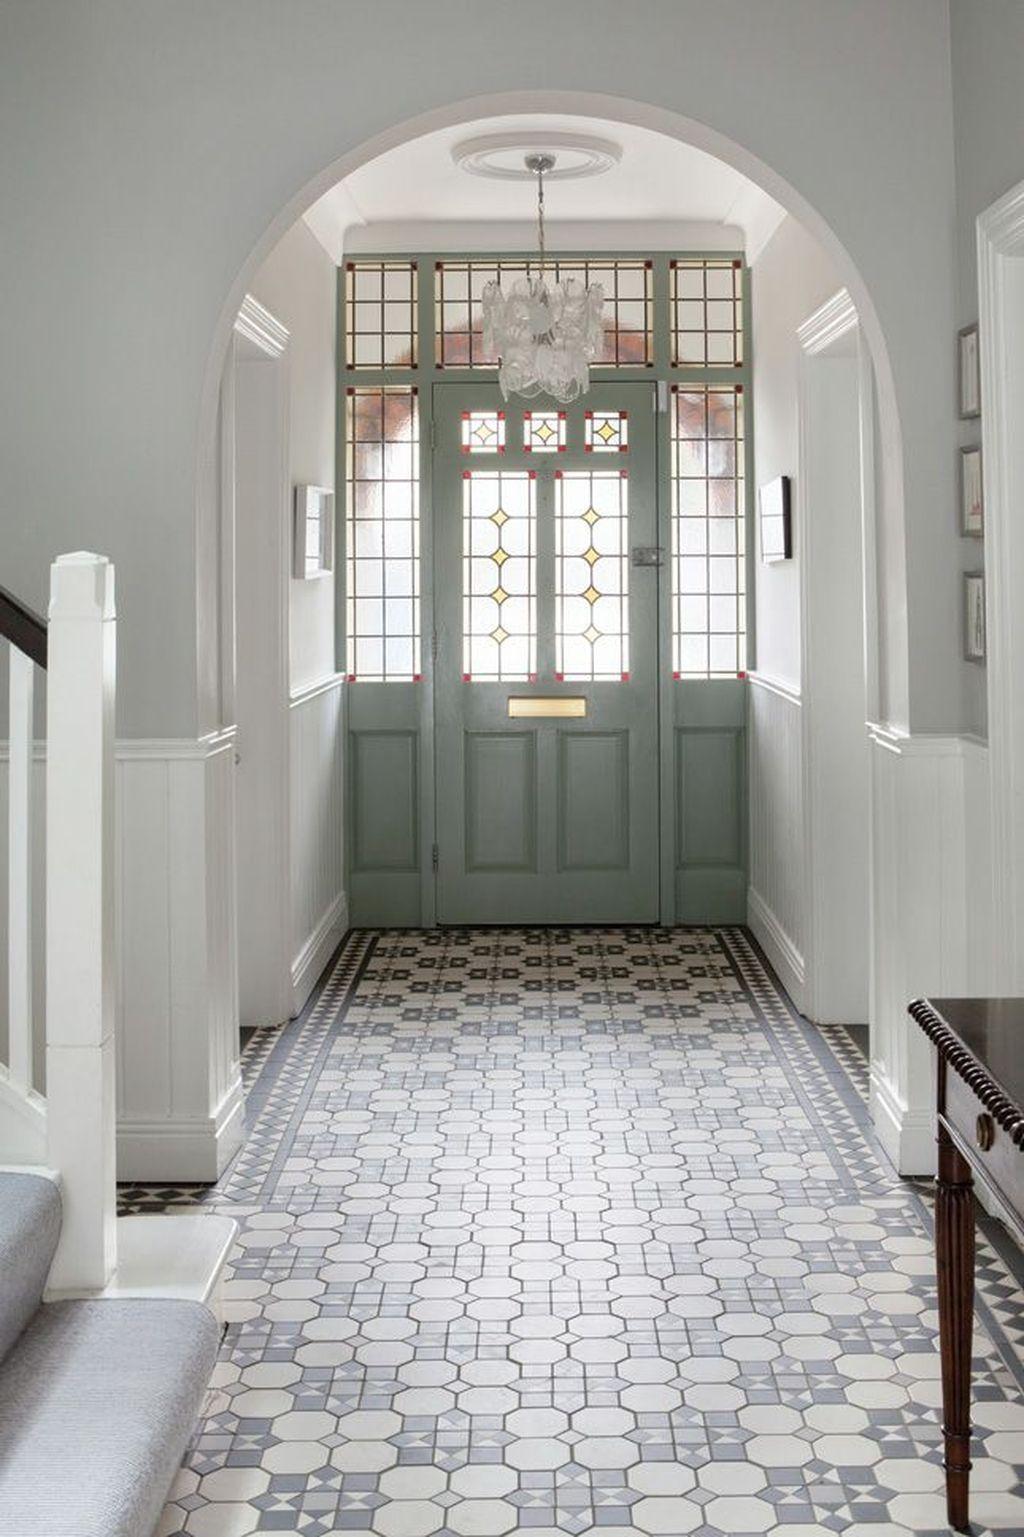 20+ Fabulous Hallway Decor Ideas For Home #hallwaydecorations